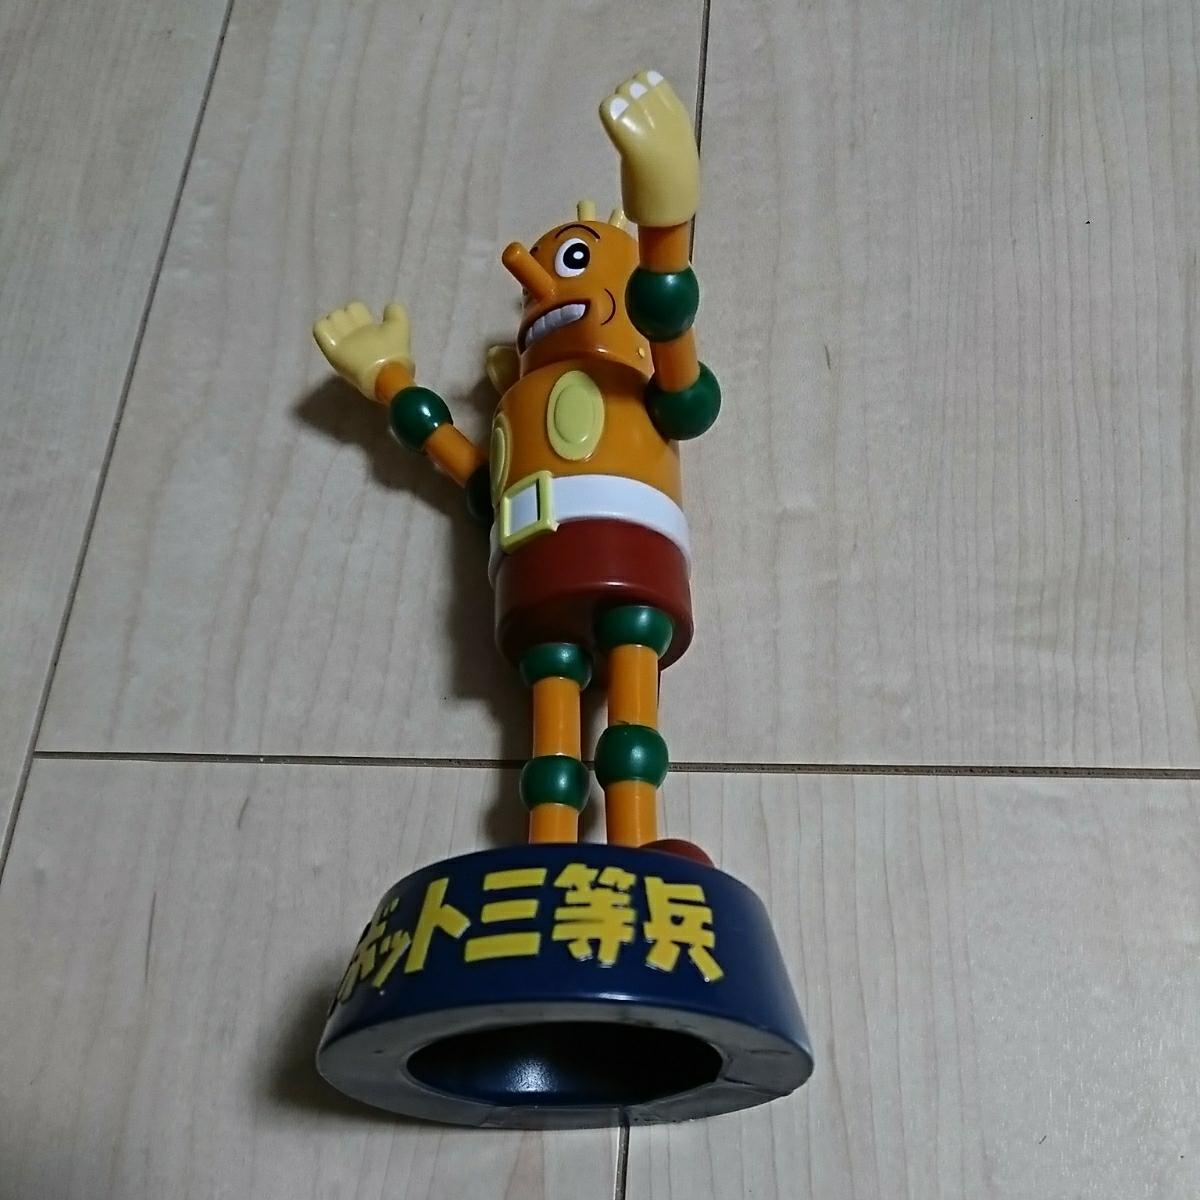 ■御愛嬌出品『ロボット三等兵』figure1体。箱付。曼陀羅華&Toysclub共同企画。前谷惟光原作。戦争に対する風刺諧謔のirony。_画像7